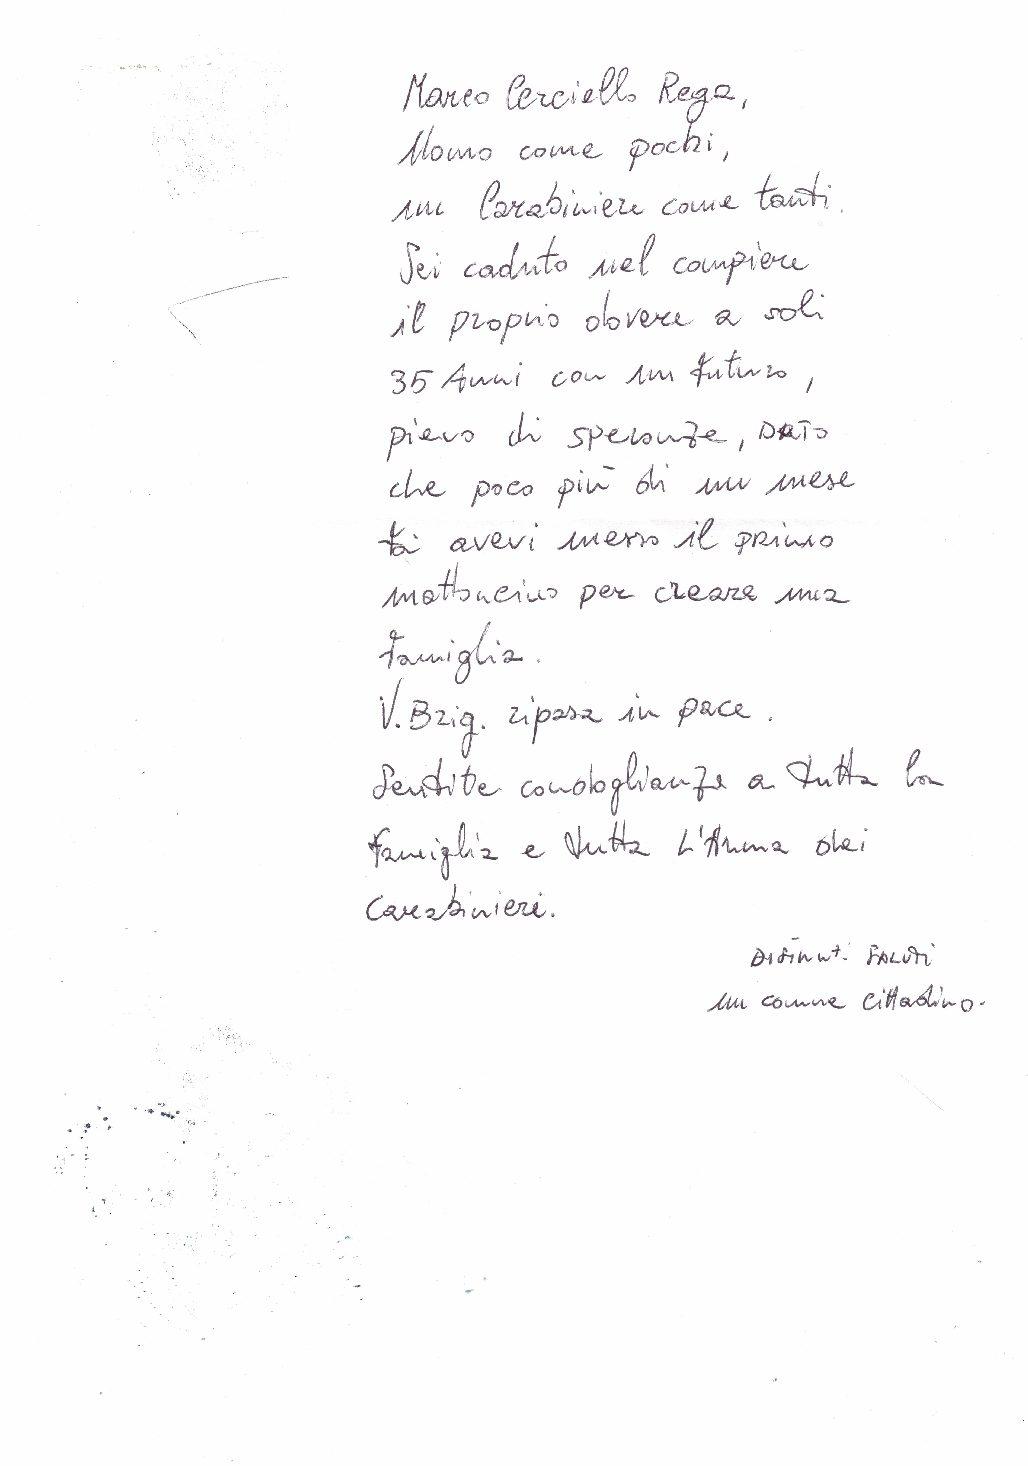 ROSOLINI, UN GESTO DI CORDOGLIO PER LA MORTE DEL GIOVANE V.BRIG. MARIO CERCIELLO REGA